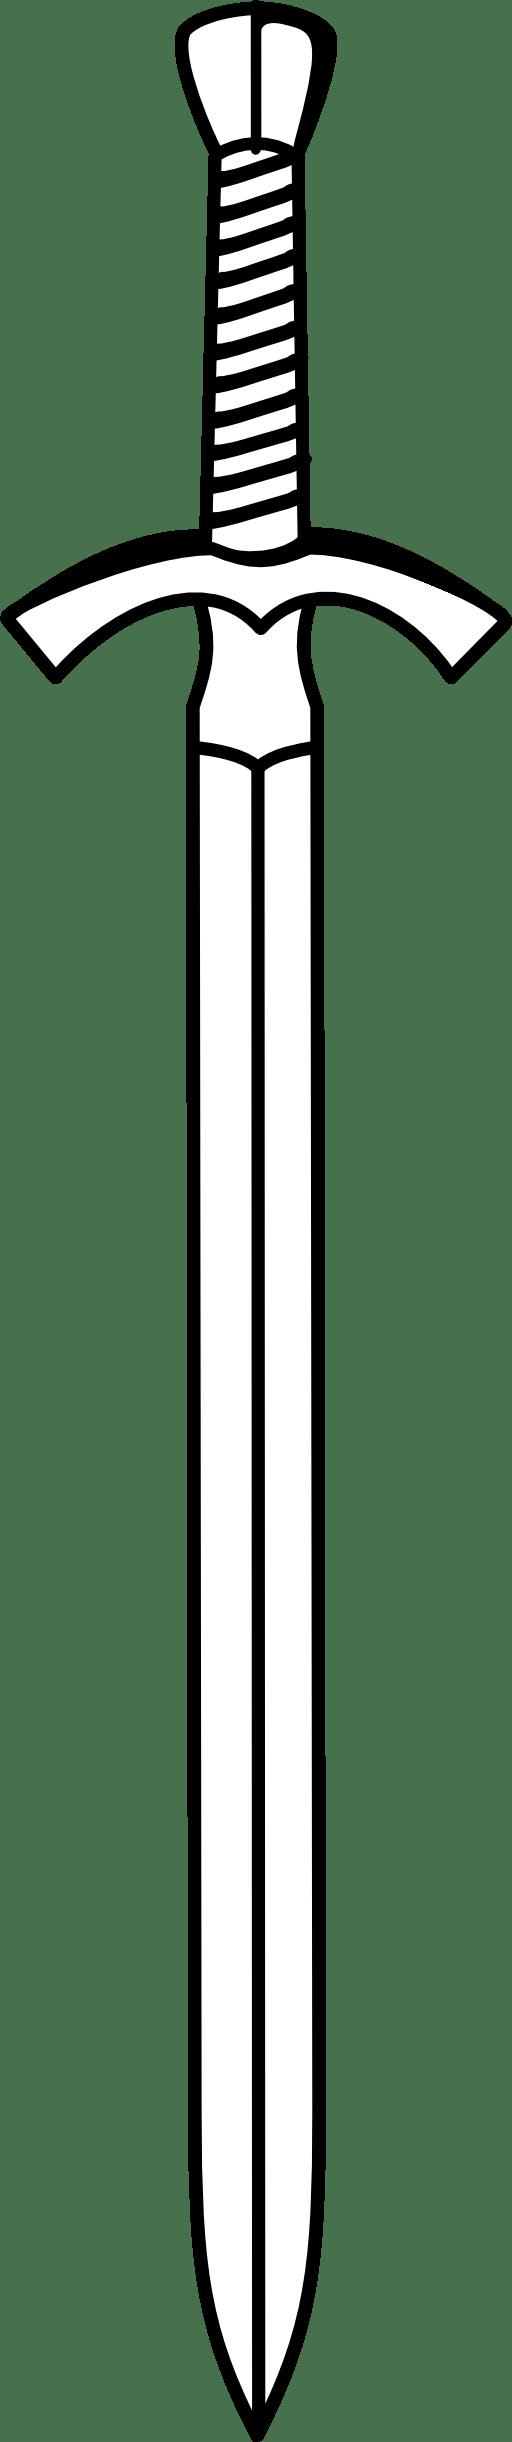 medium resolution of sword